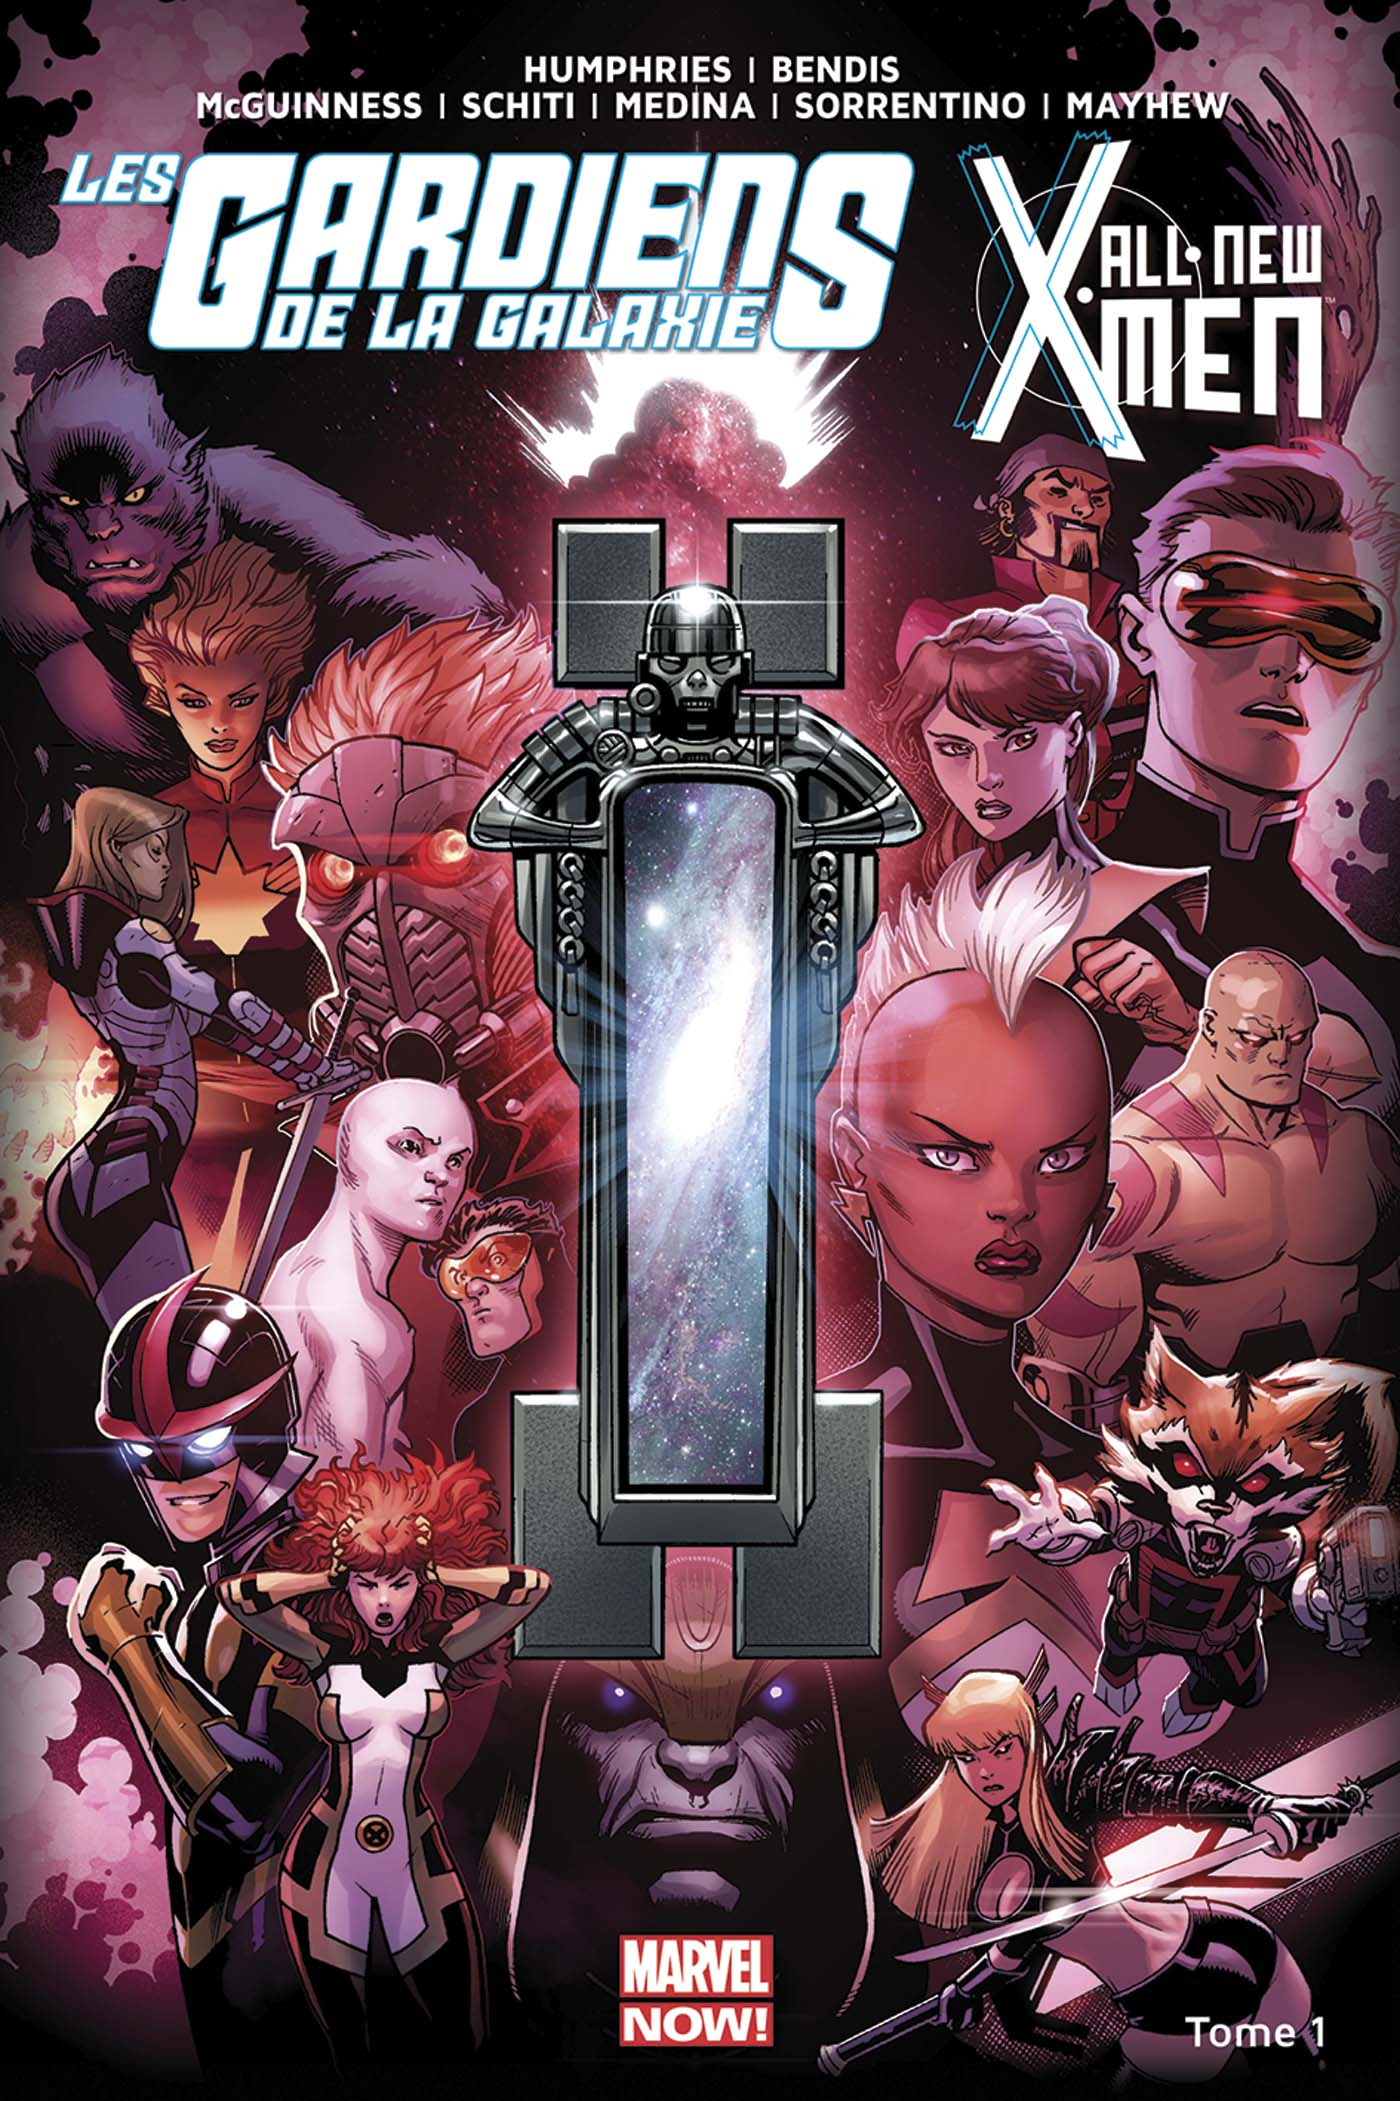 Les Gardiens de la Galaxie / All-New X-Men - Le Vortex Noir 1